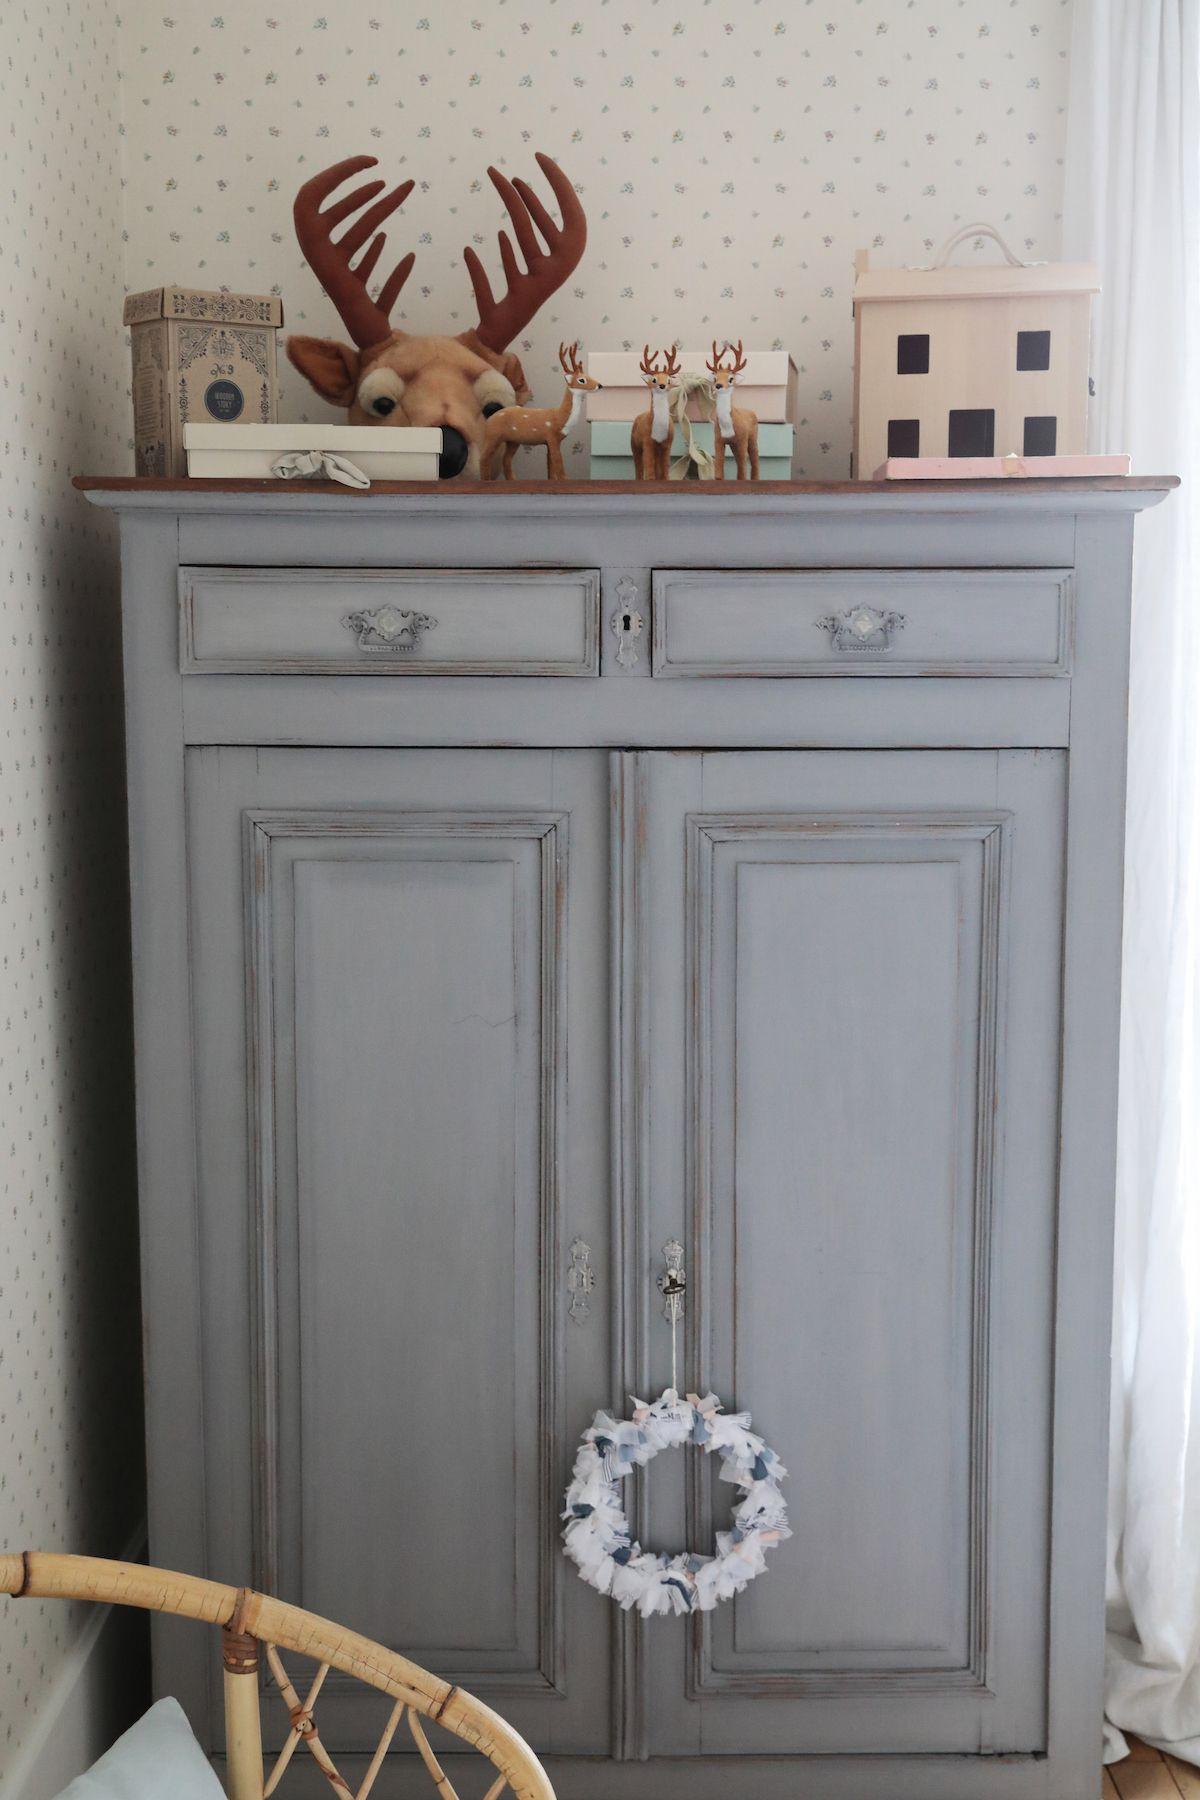 Bienvenue Dans La Maison Facon Cottage Anglais De Mai Creatrice De Marceline Deco Customiser Meuble Ikea Et Meuble Rotin